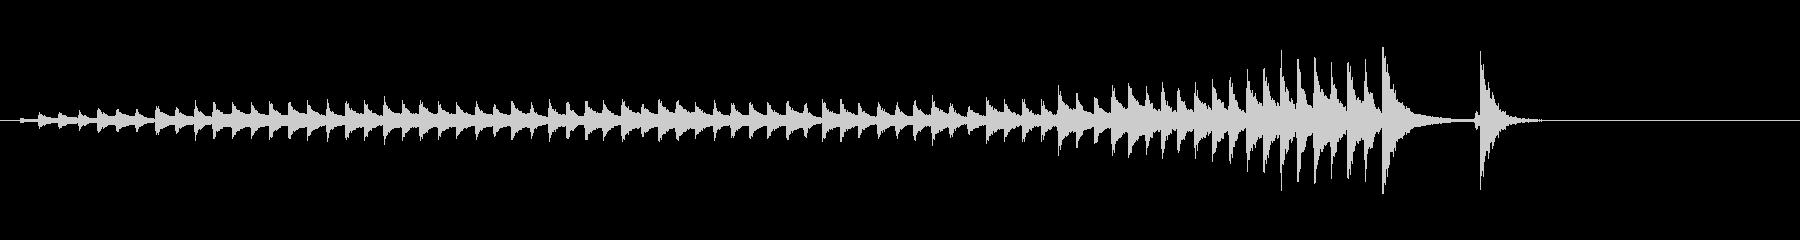 大太鼓17水音歌舞伎情景描写和風和太鼓江の未再生の波形